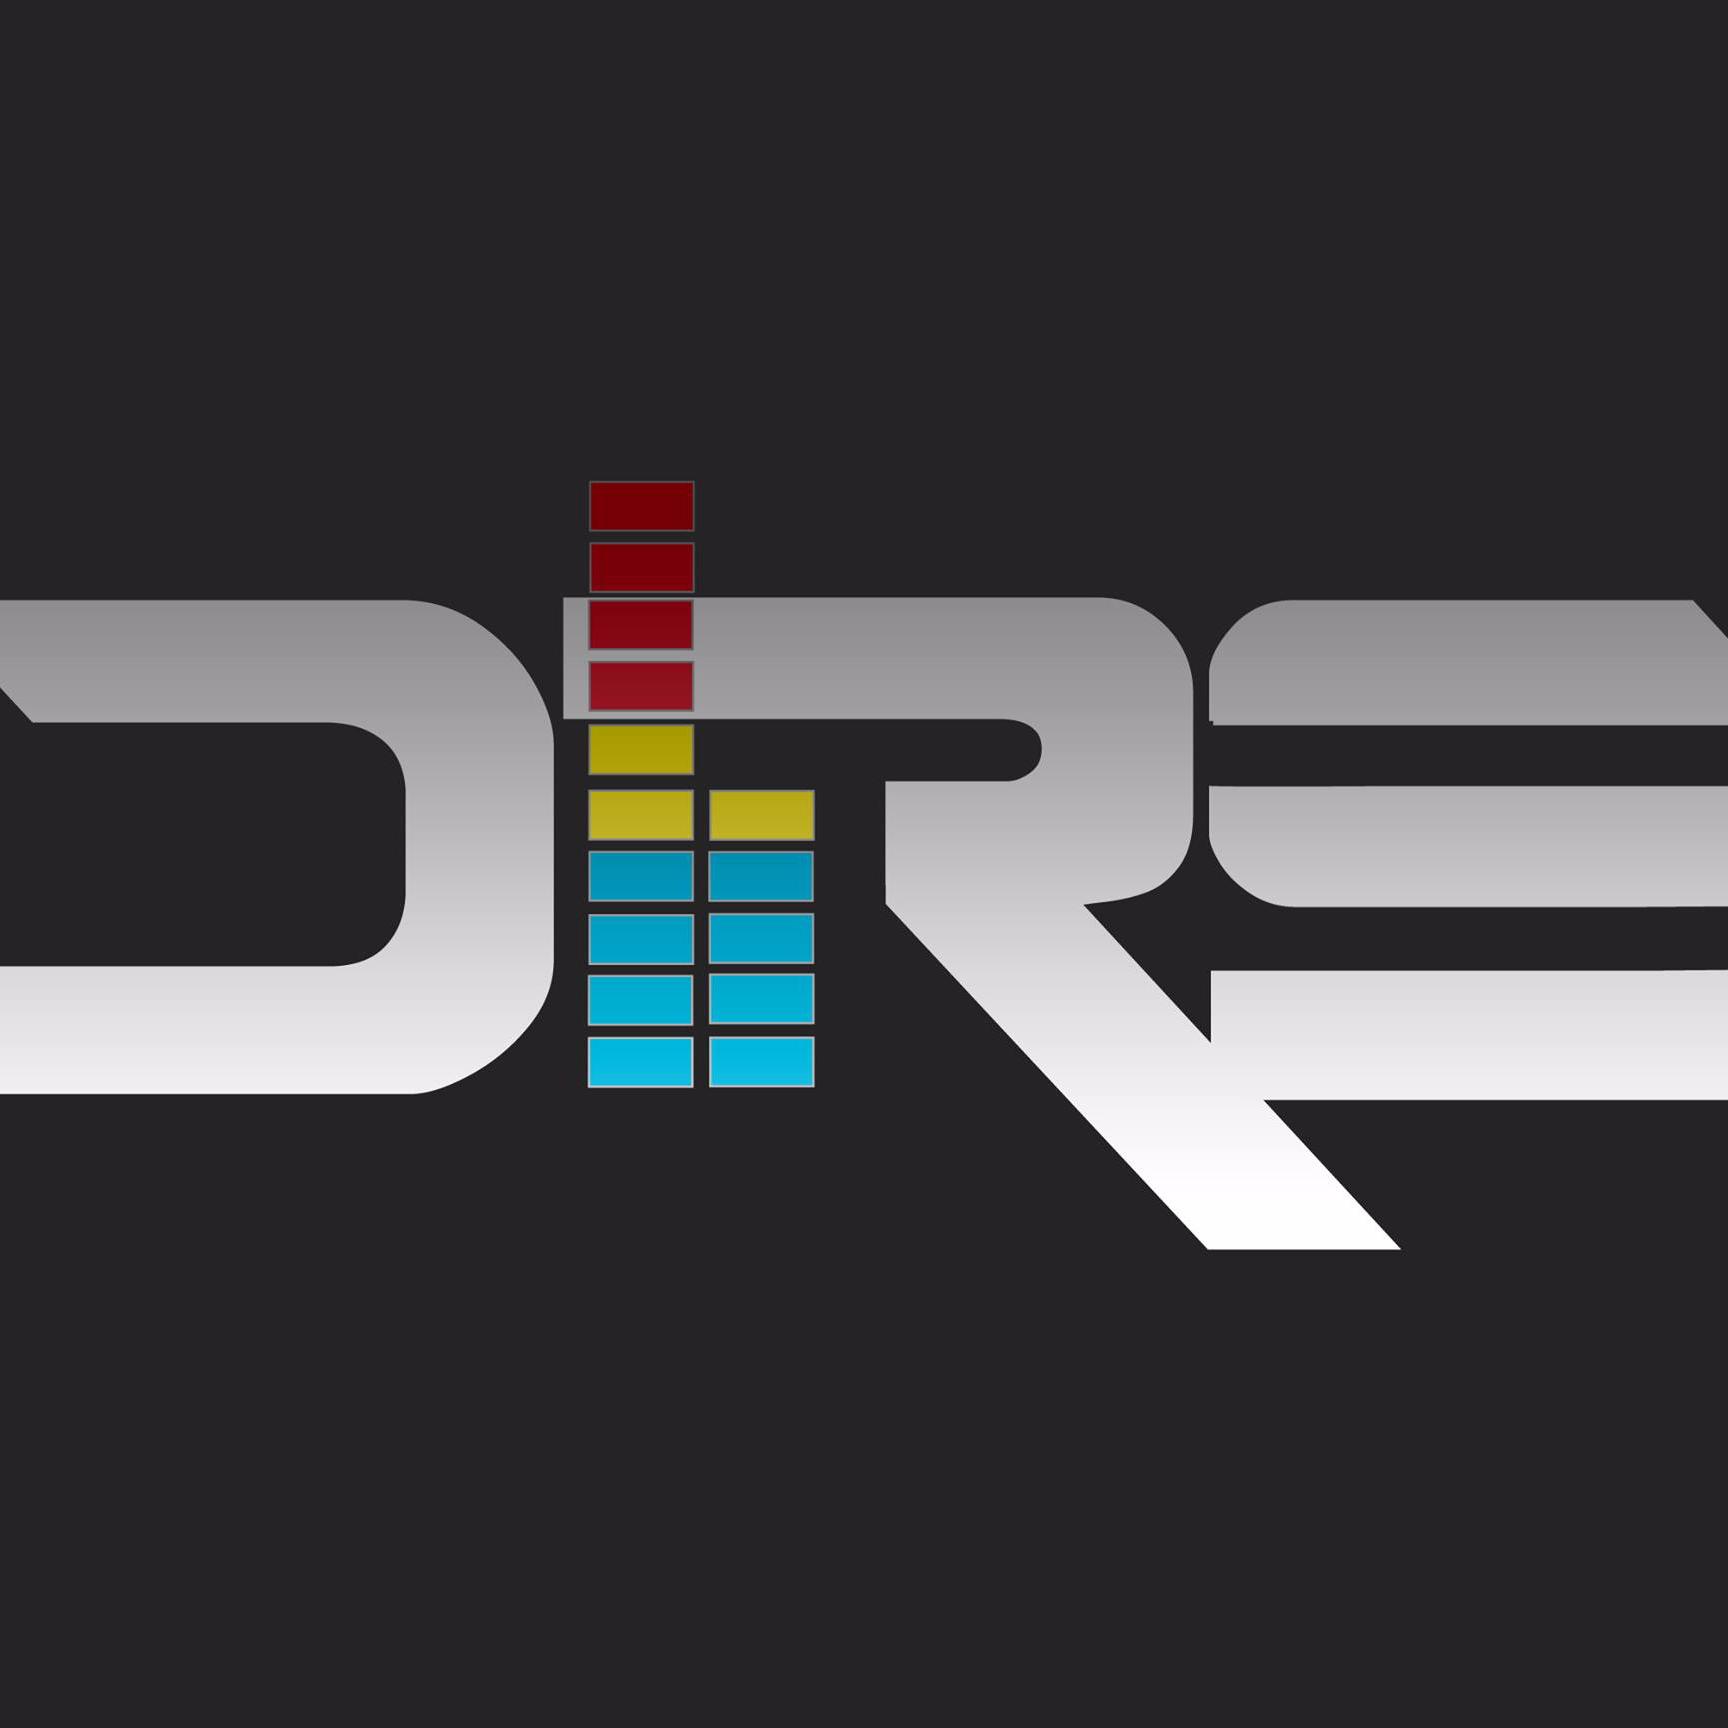 DRS - Drugacija Radio Stanica